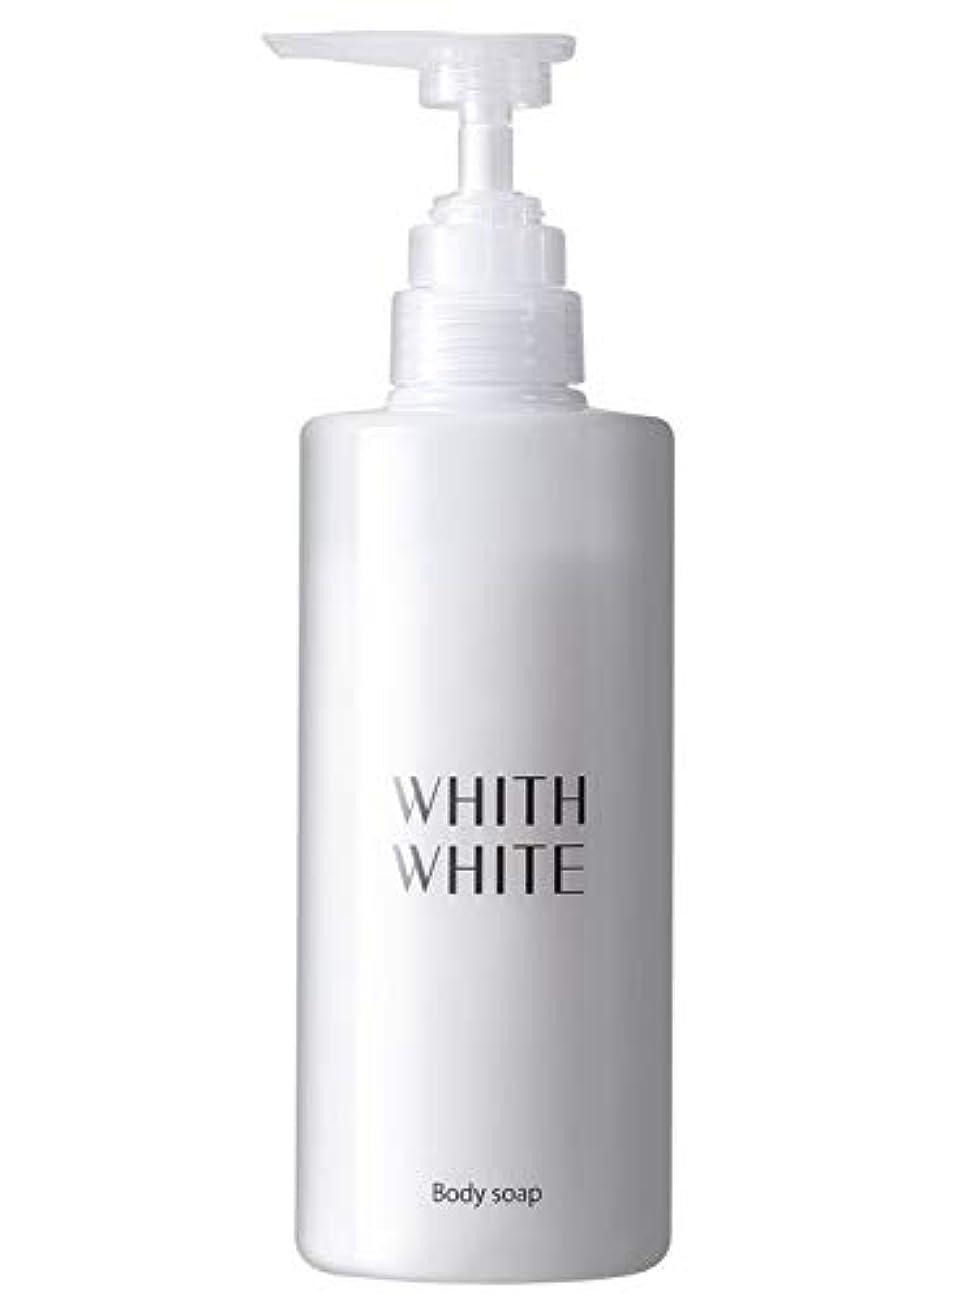 弾丸冷蔵するバットフィス ホワイト ボディソープ 【 エレガントフローラルのいい香り 】 無添加 保湿 ボディーソープ 「 泡で黒ずみ さっぱり ボディシャンプー 」「 ヒアルロン酸 コラーゲン セラミド 配合」450ml